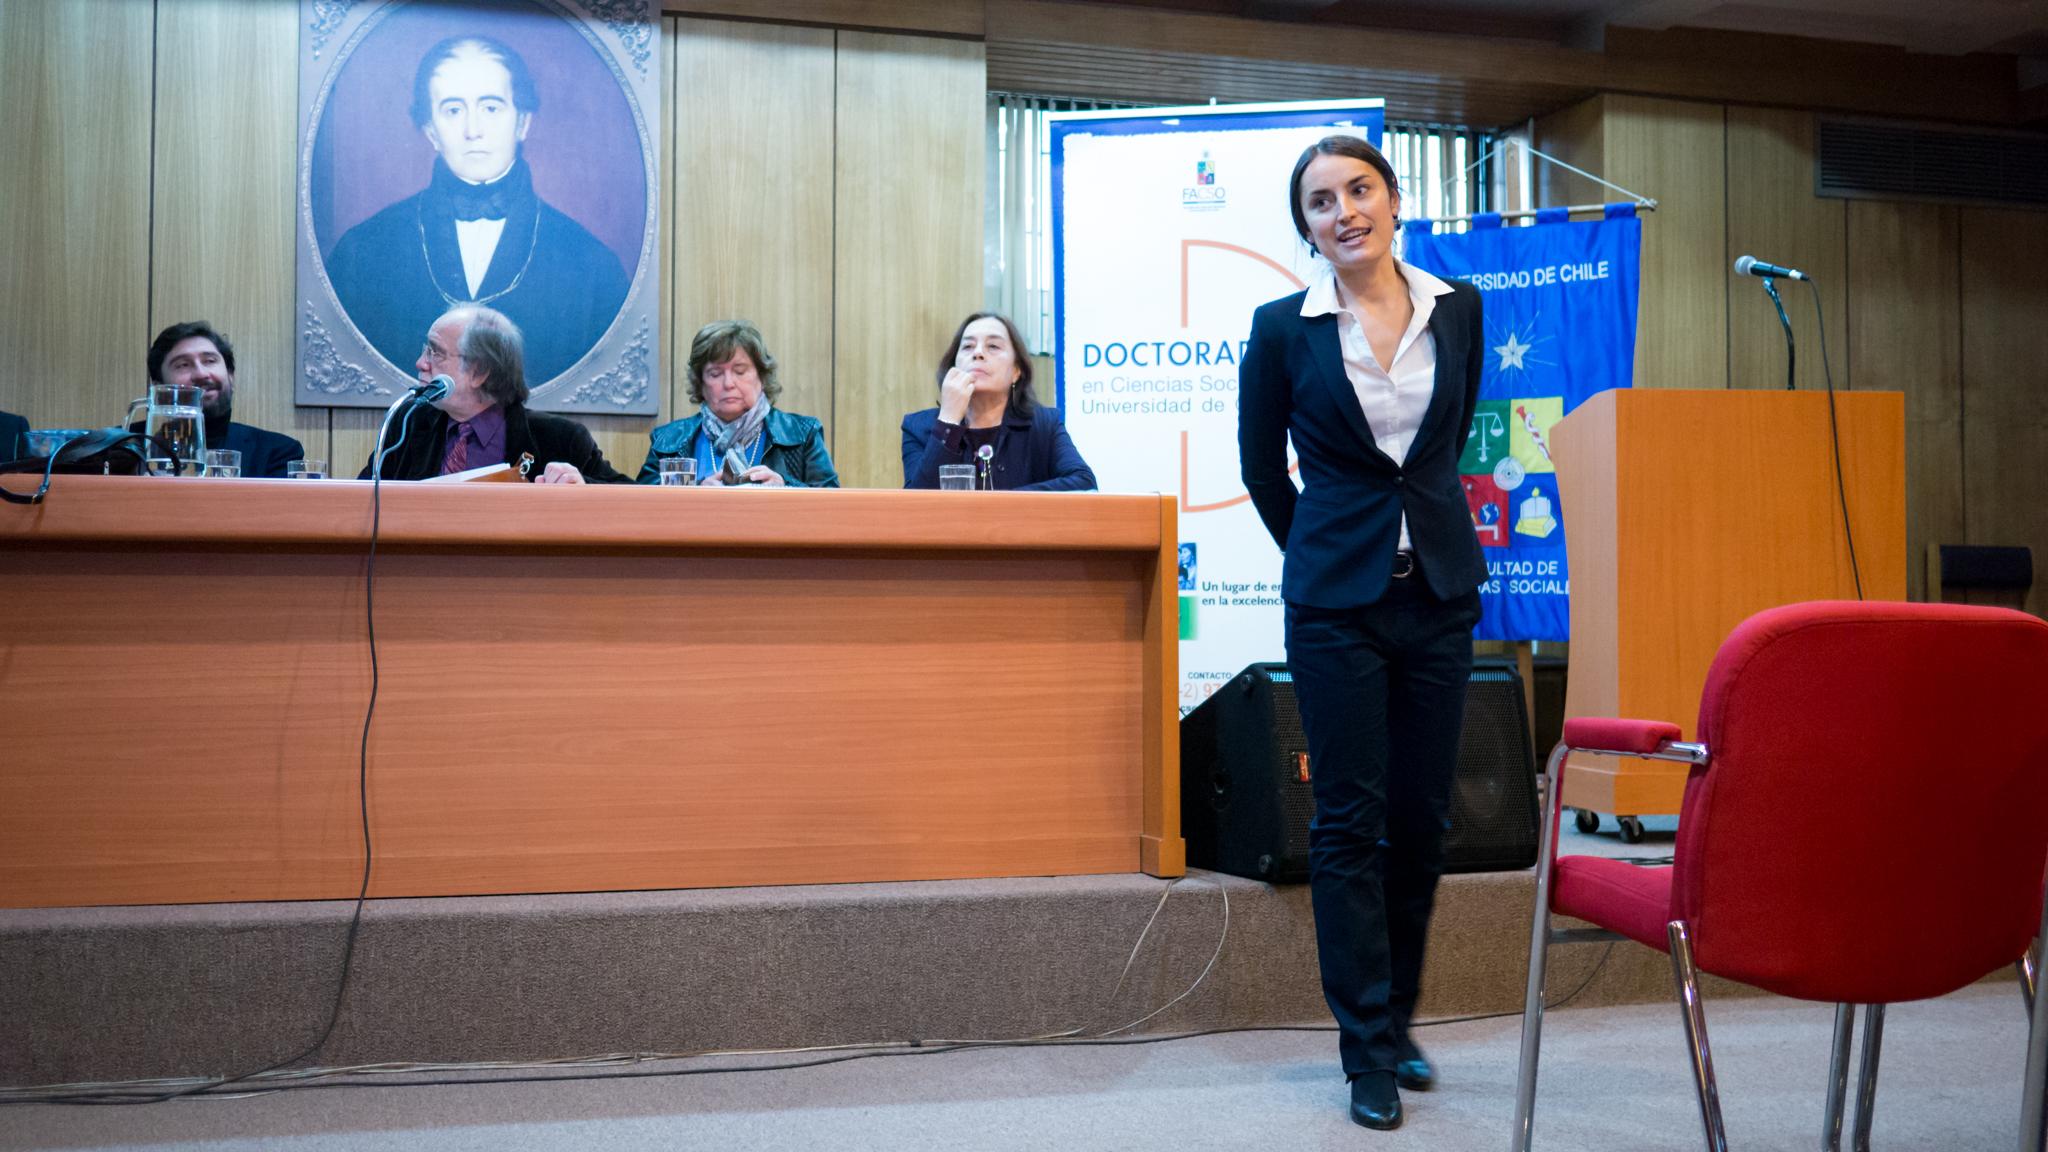 Nueva publicación de Dra. Ewa Sapiezynska, egresada del Doctorado en Ciencias Sociales